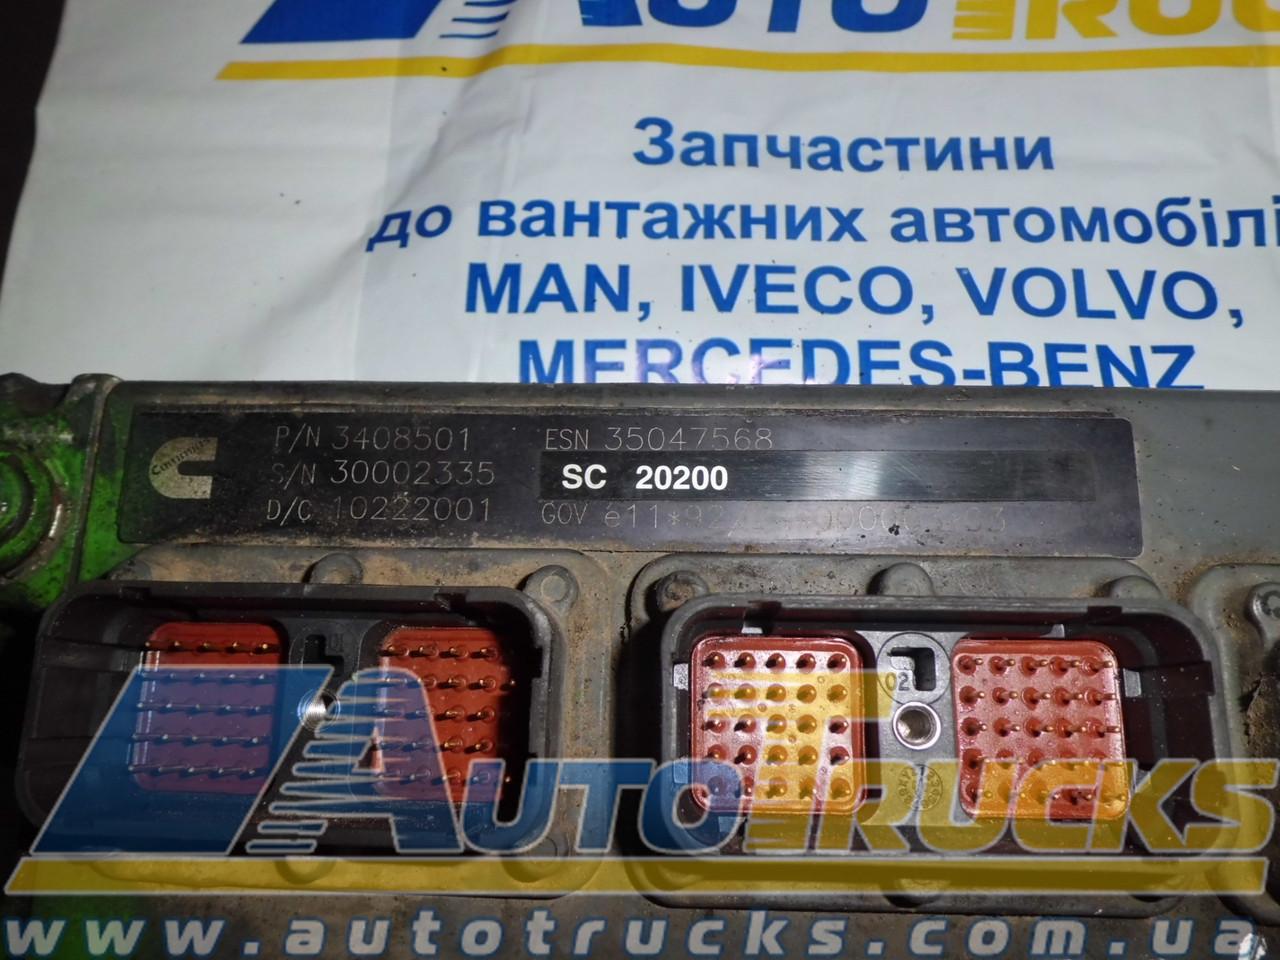 Блок управління двигуном 3408501 Б/у для MAN ERF (3408501)